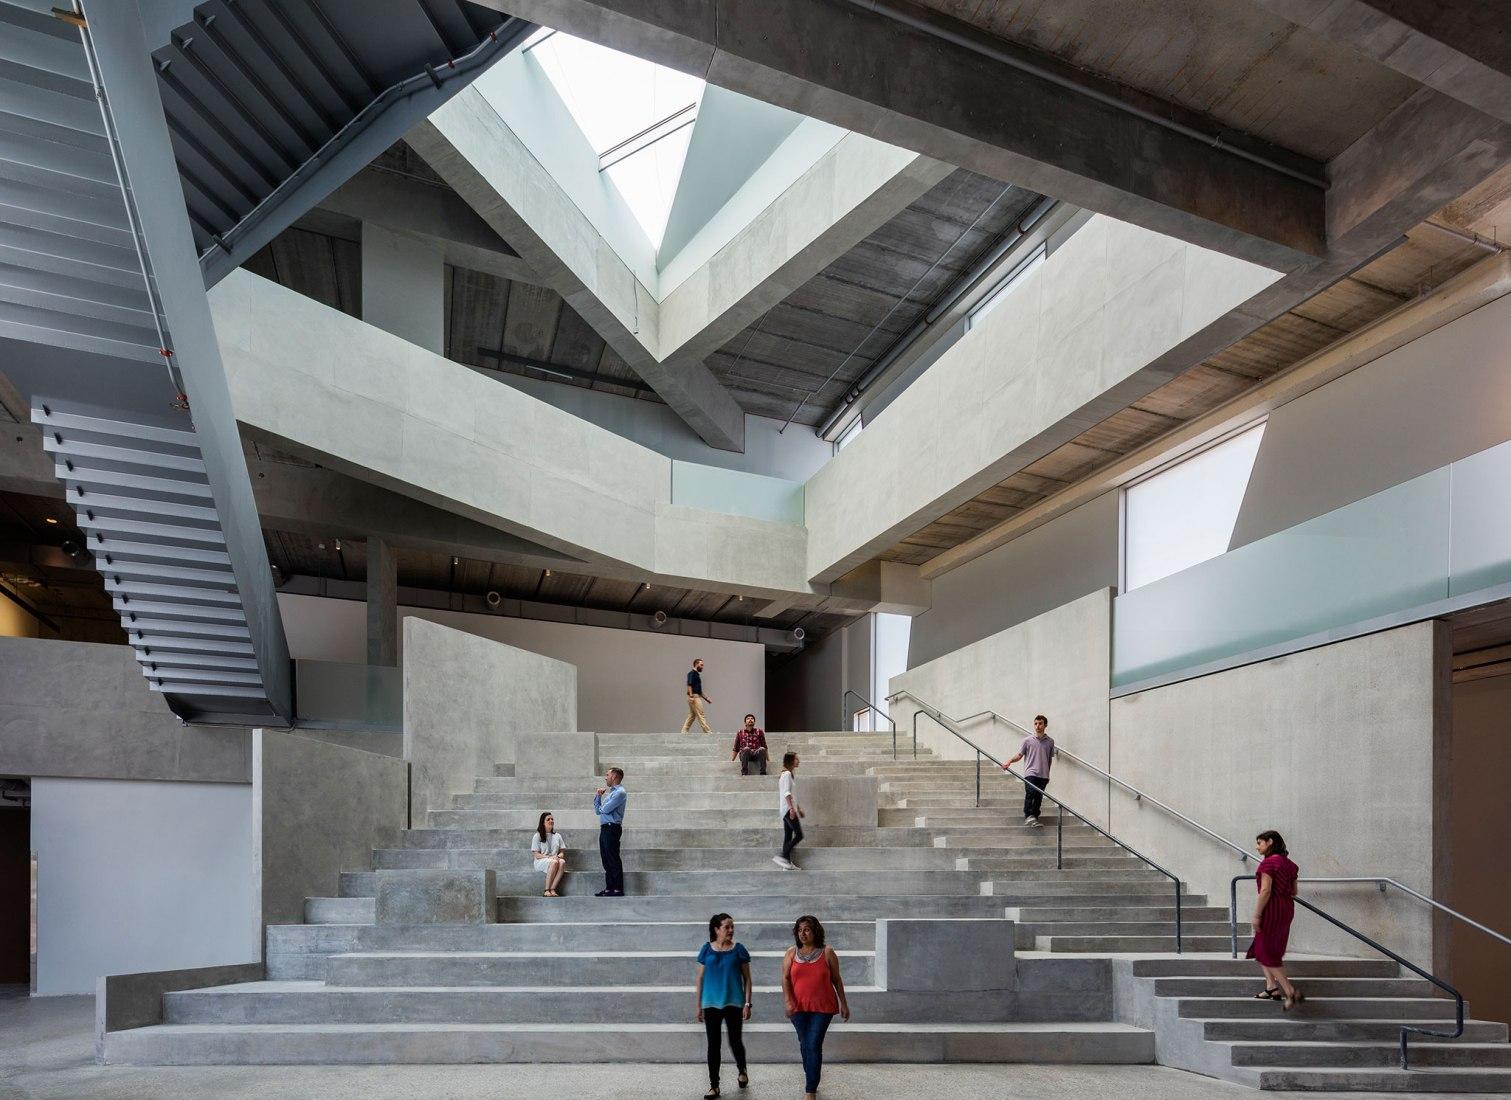 Vista interior del foro de la Escuela de Arte Glassell, MFAH, por Steven Holl Architects. Fotografía de Richard Barnes